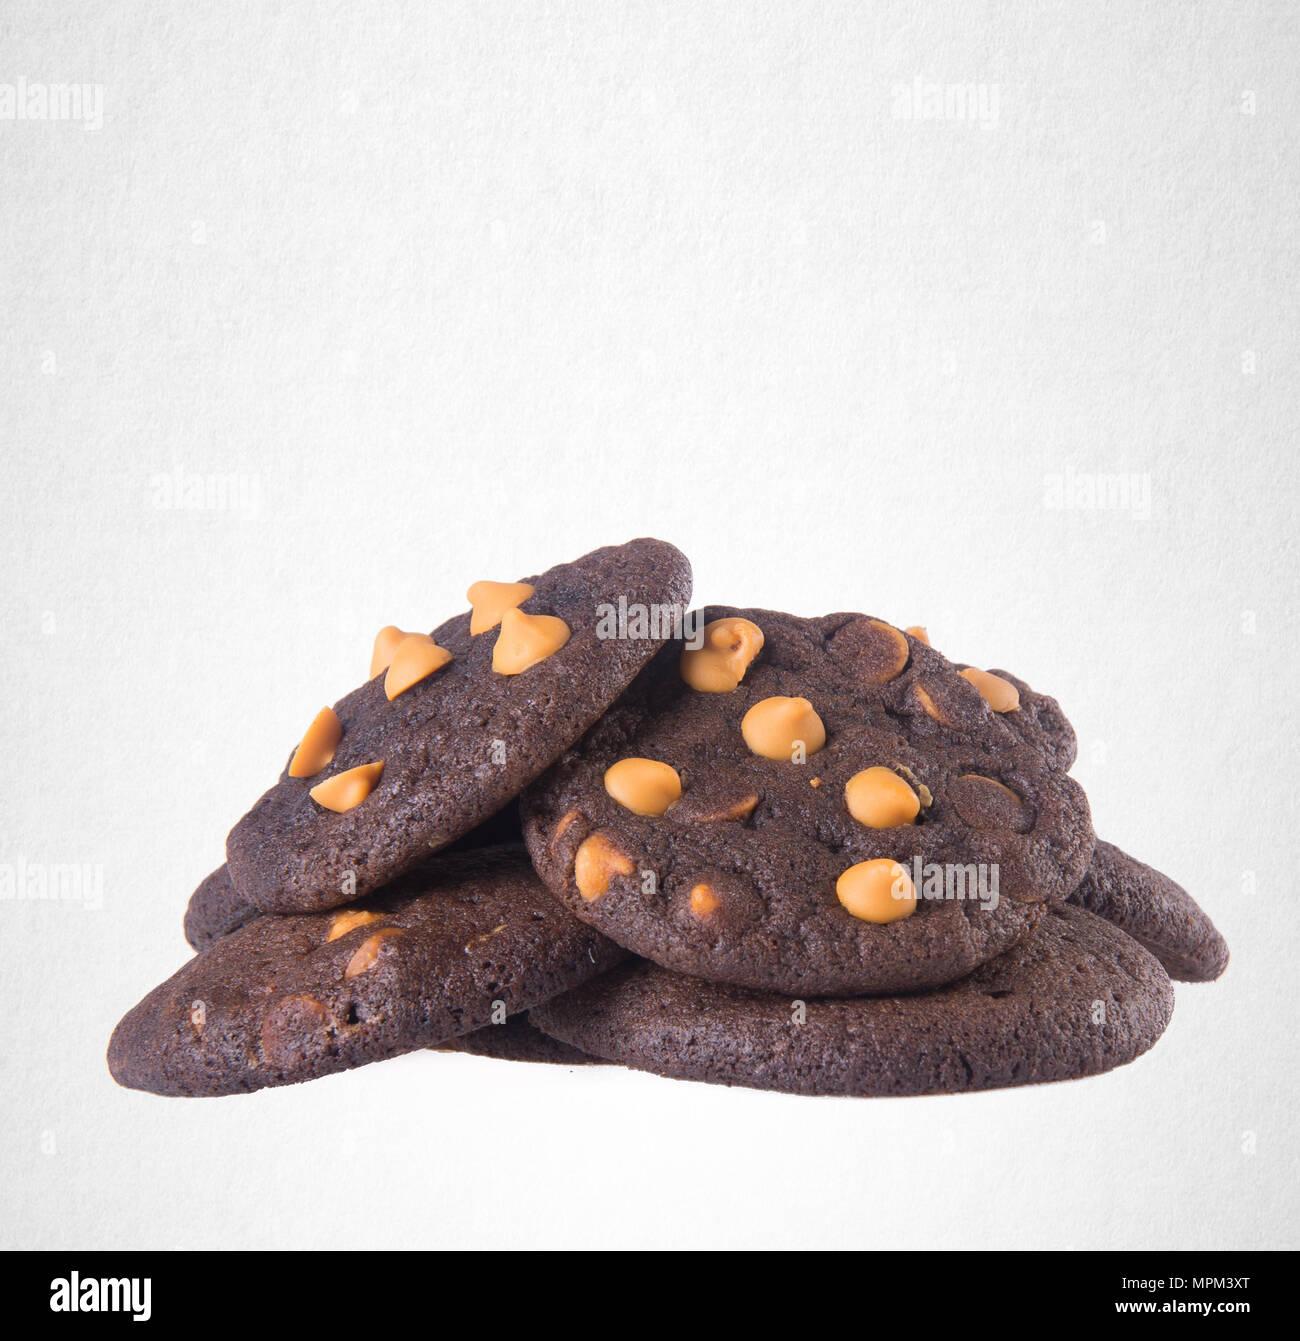 Cookie Crumbs Crumbles Stock Photos & Cookie Crumbs Crumbles Stock